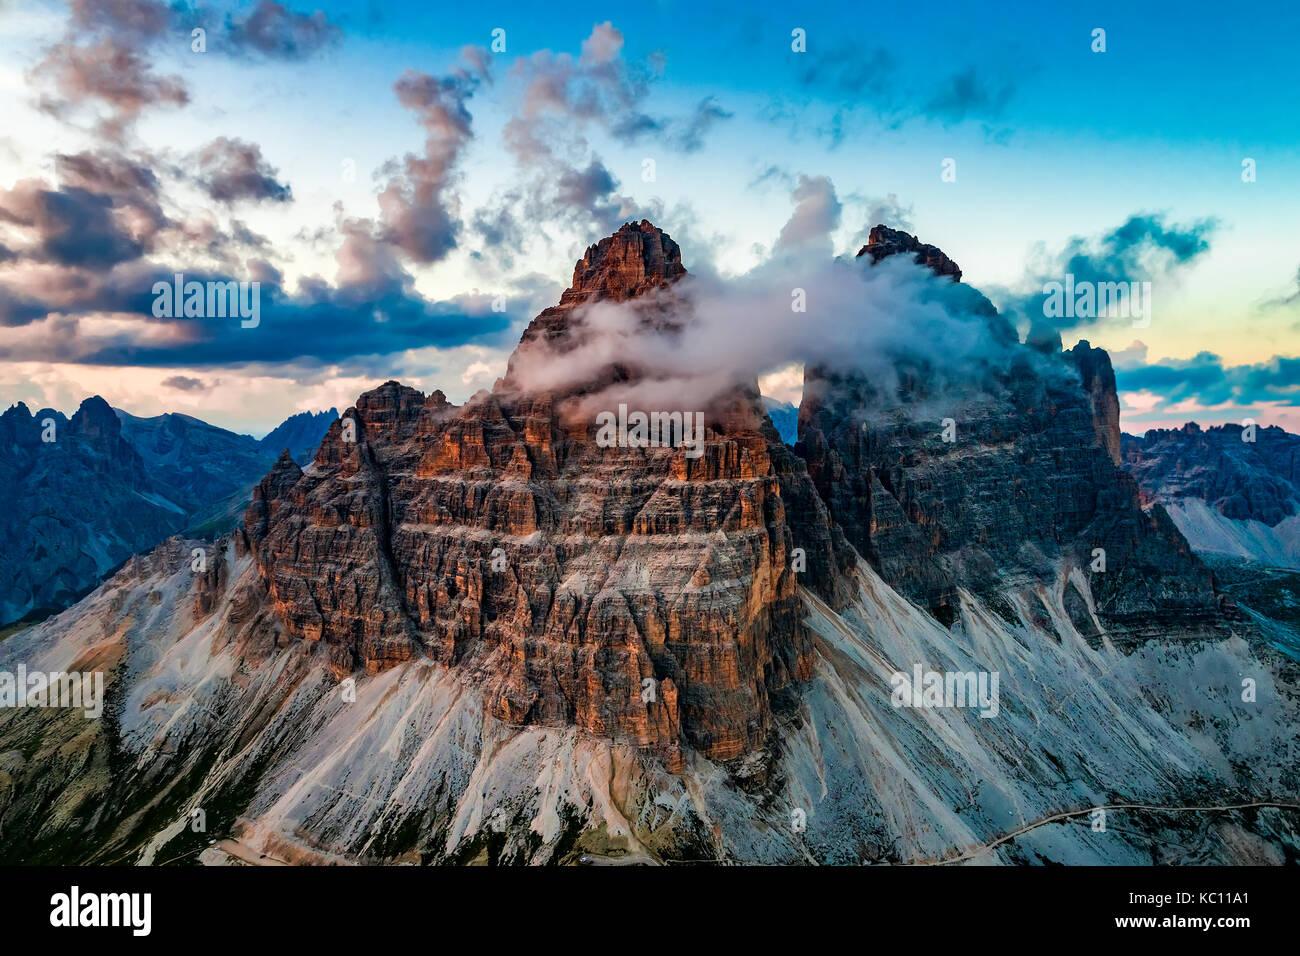 Il parco naturale nazionale tre cime di Lavaredo nelle Dolomiti alpi. bellissima natura dell'Italia. Immagini Stock